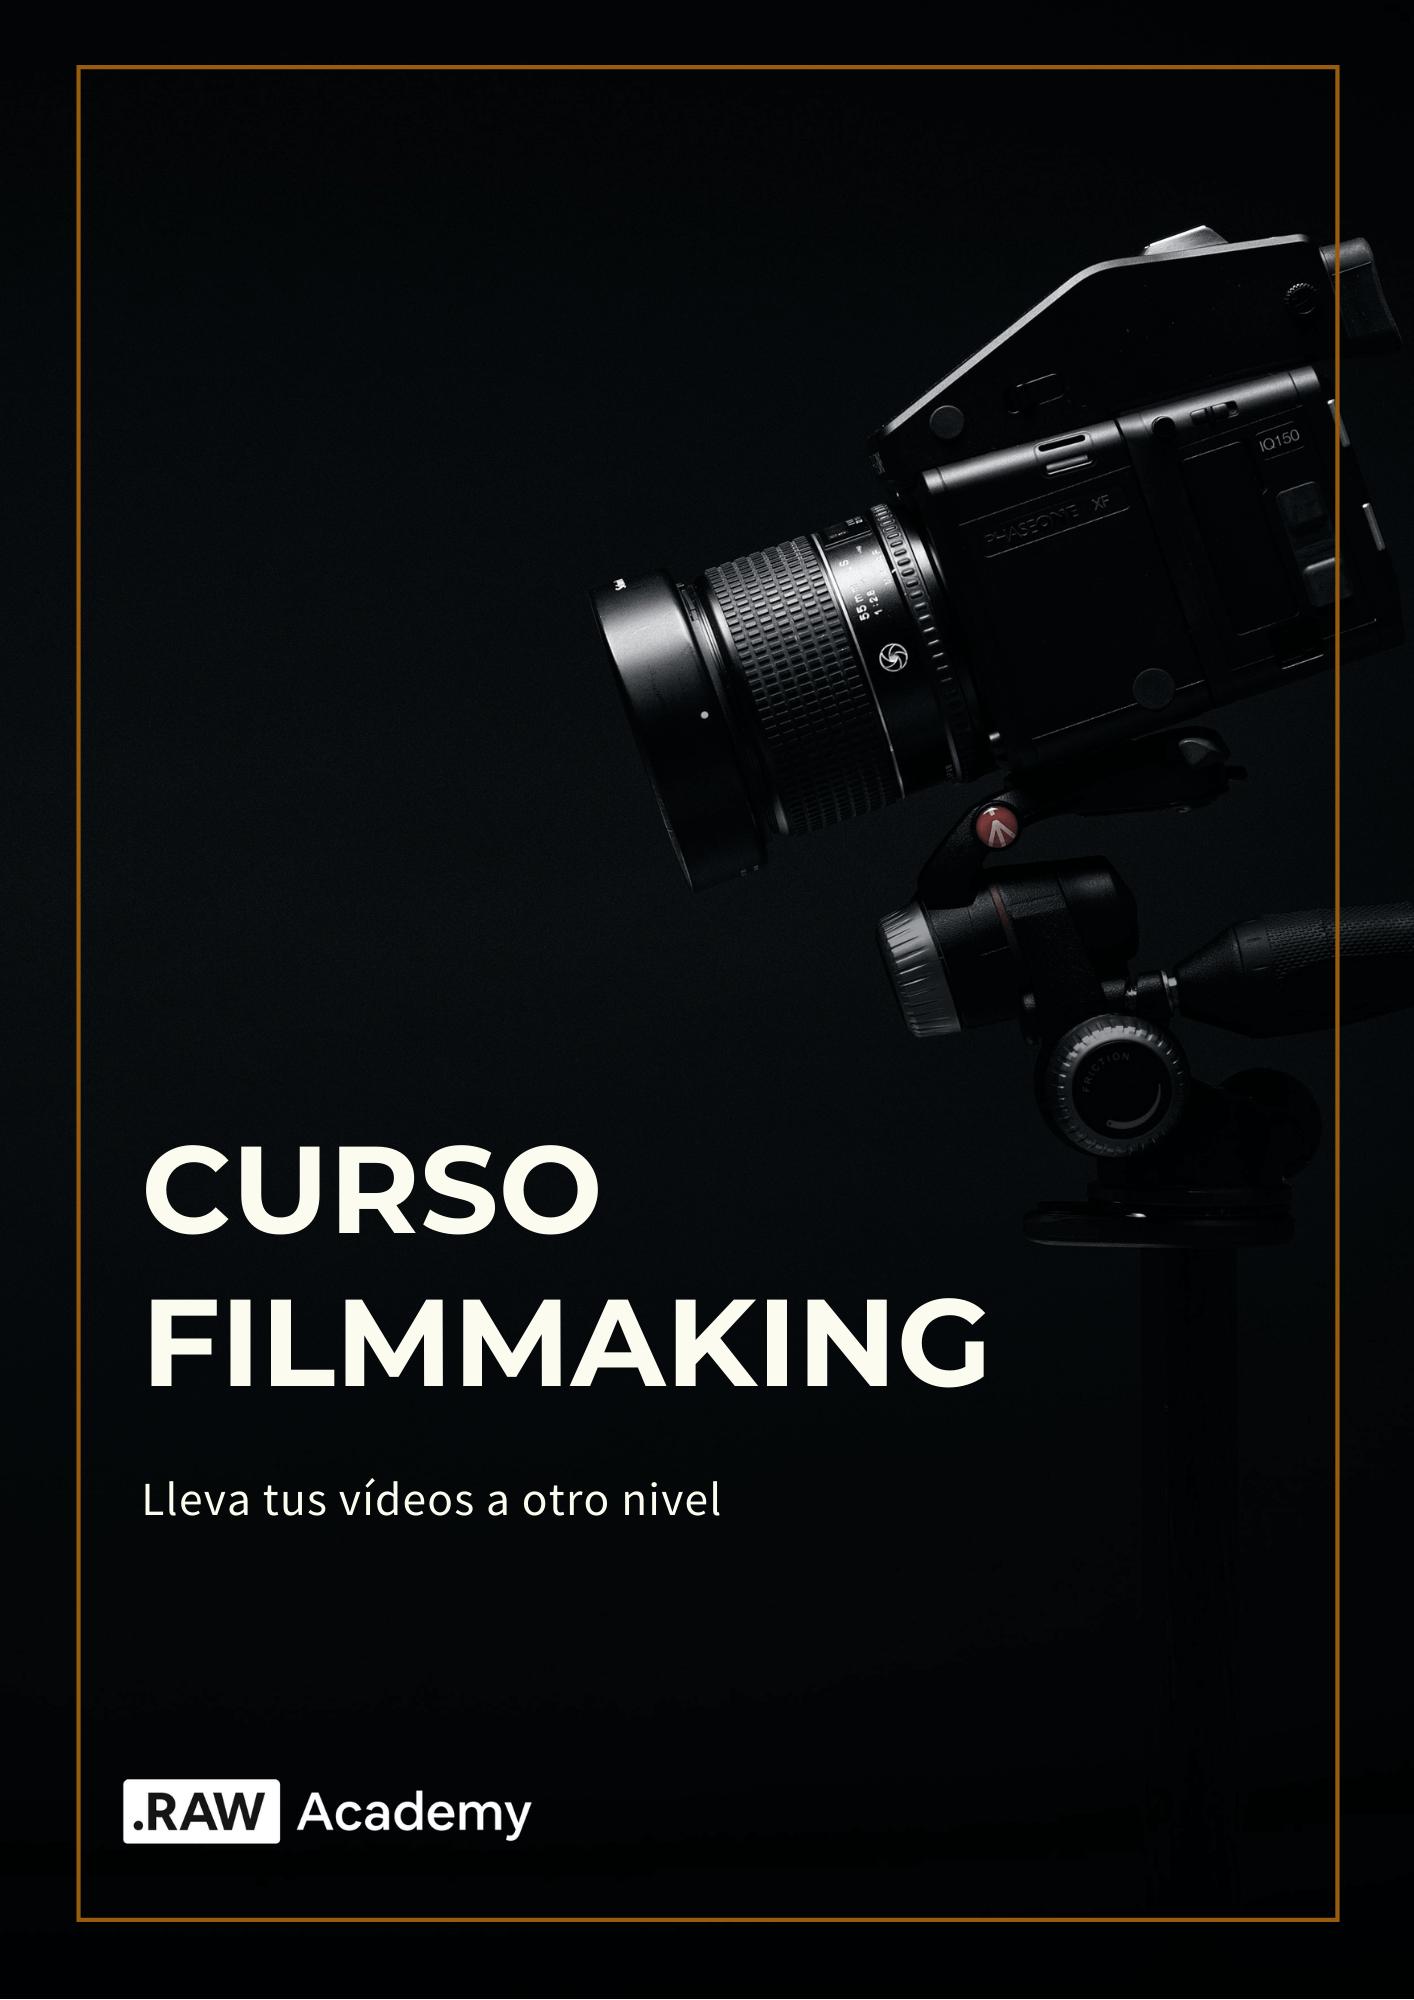 Curso Filmmaking RAW Academy